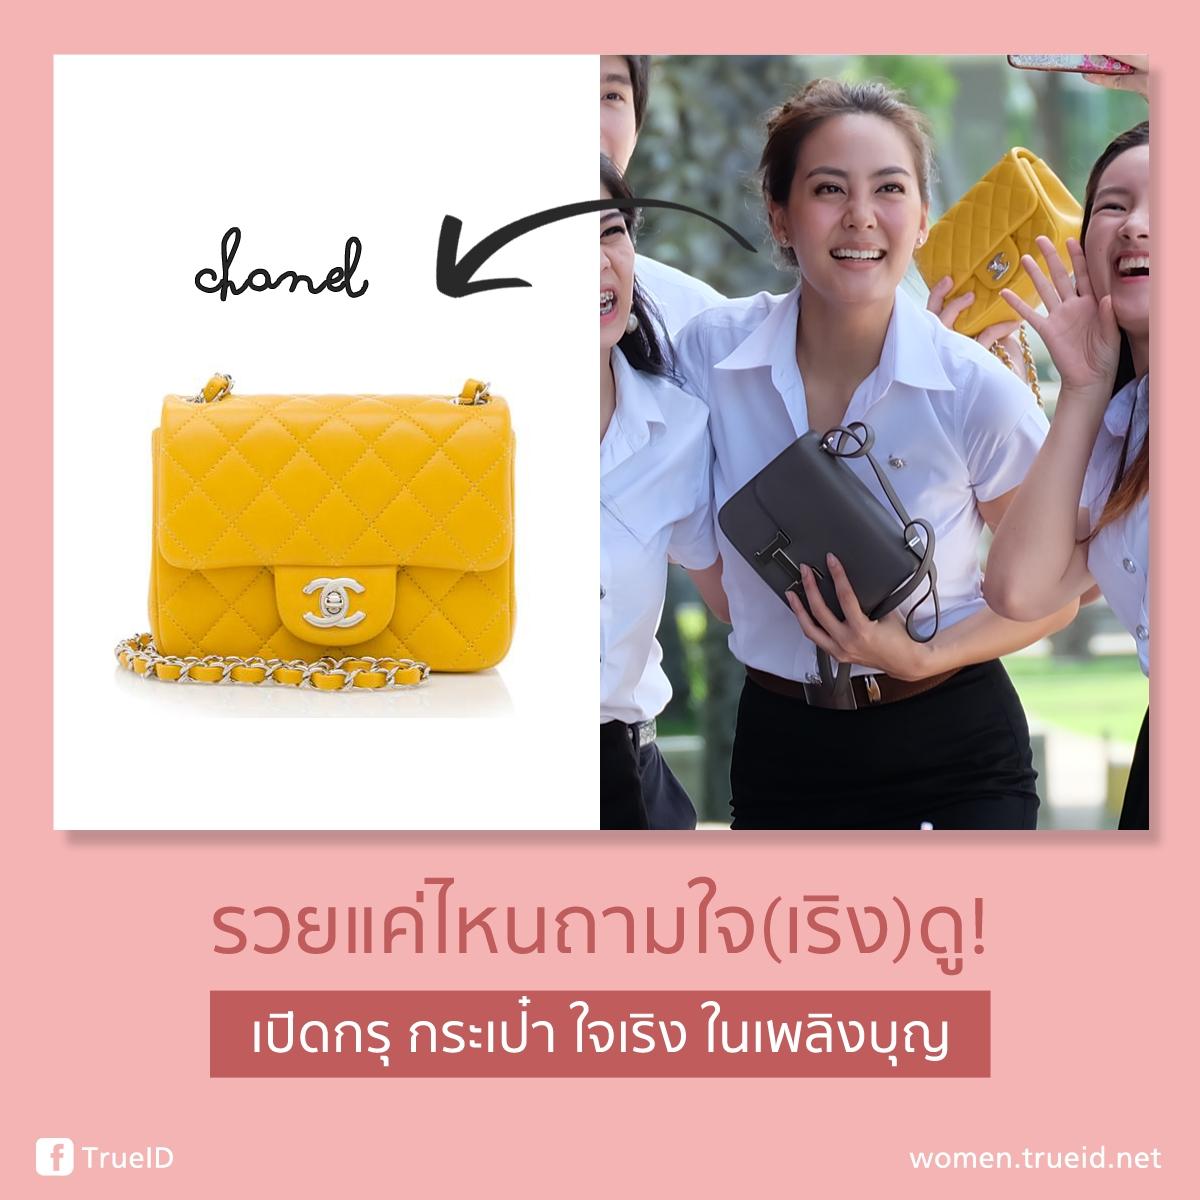 รวยแค่ไหนถามใจ(เริง)ดู! เปิดกรุ กระเป๋า ใจเริง ส่องความรวยขั้นสุดในเพลิงบุญ